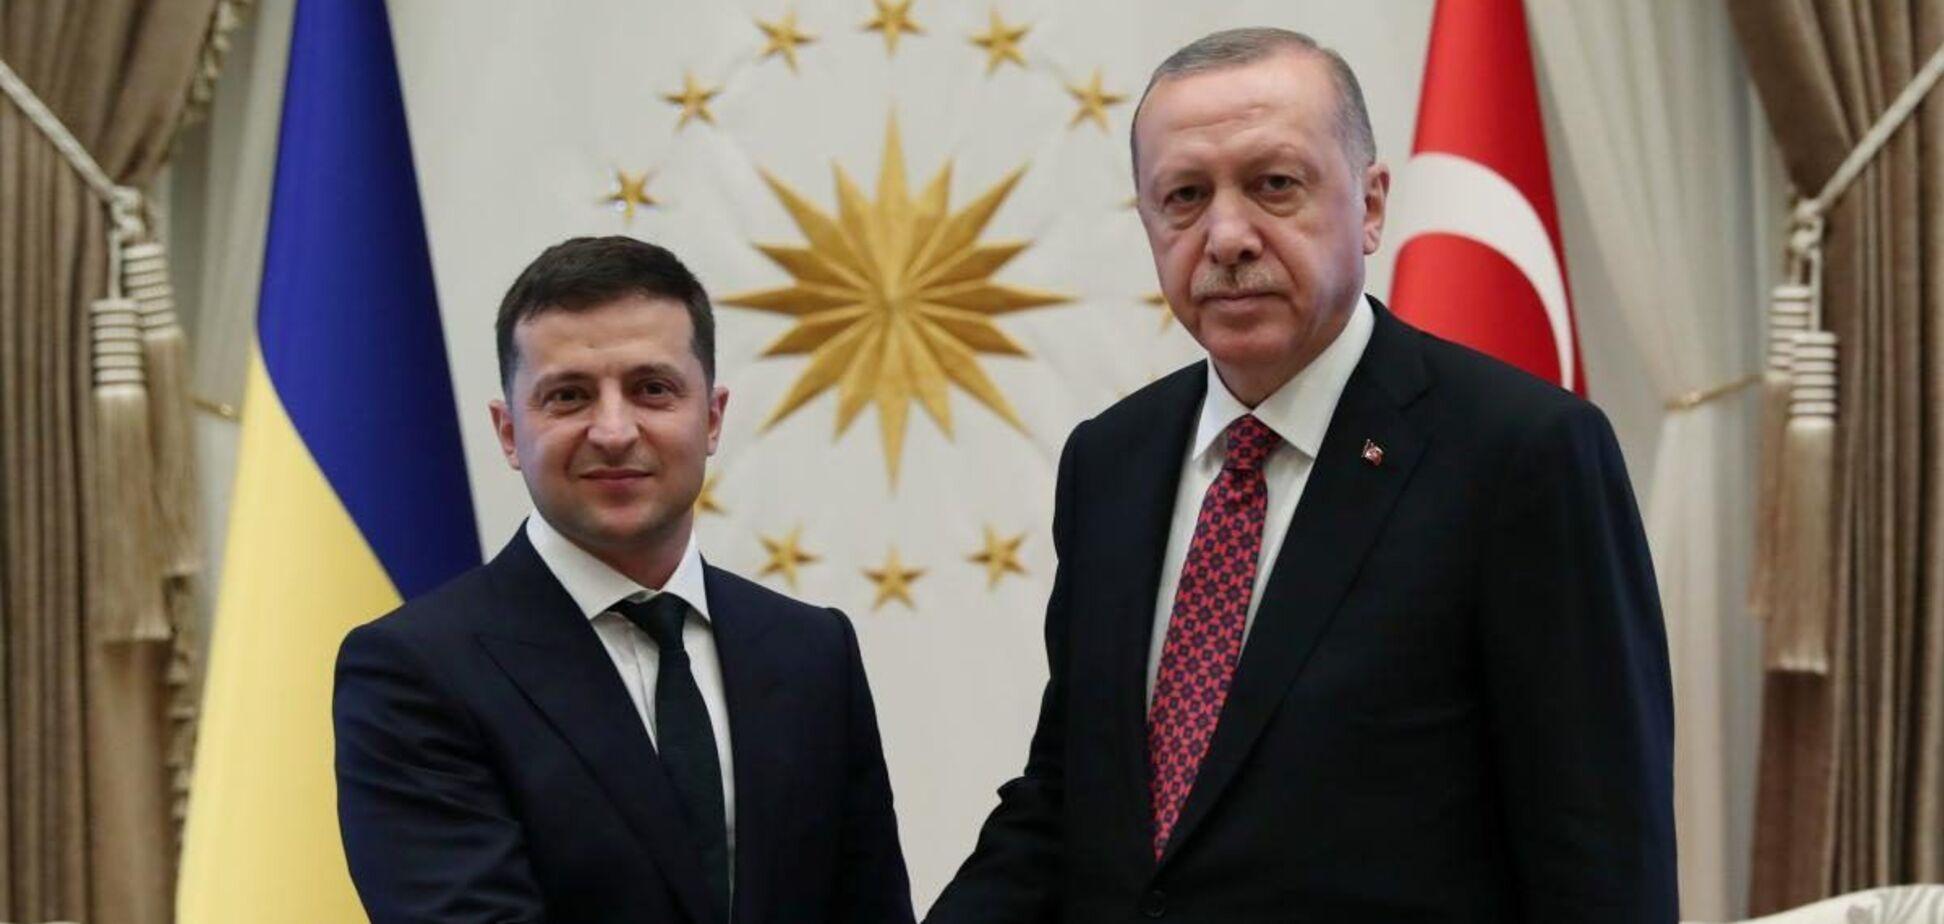 Ердоган зайняв проукраїнську позицію в період загострення ситуації на Донбасі